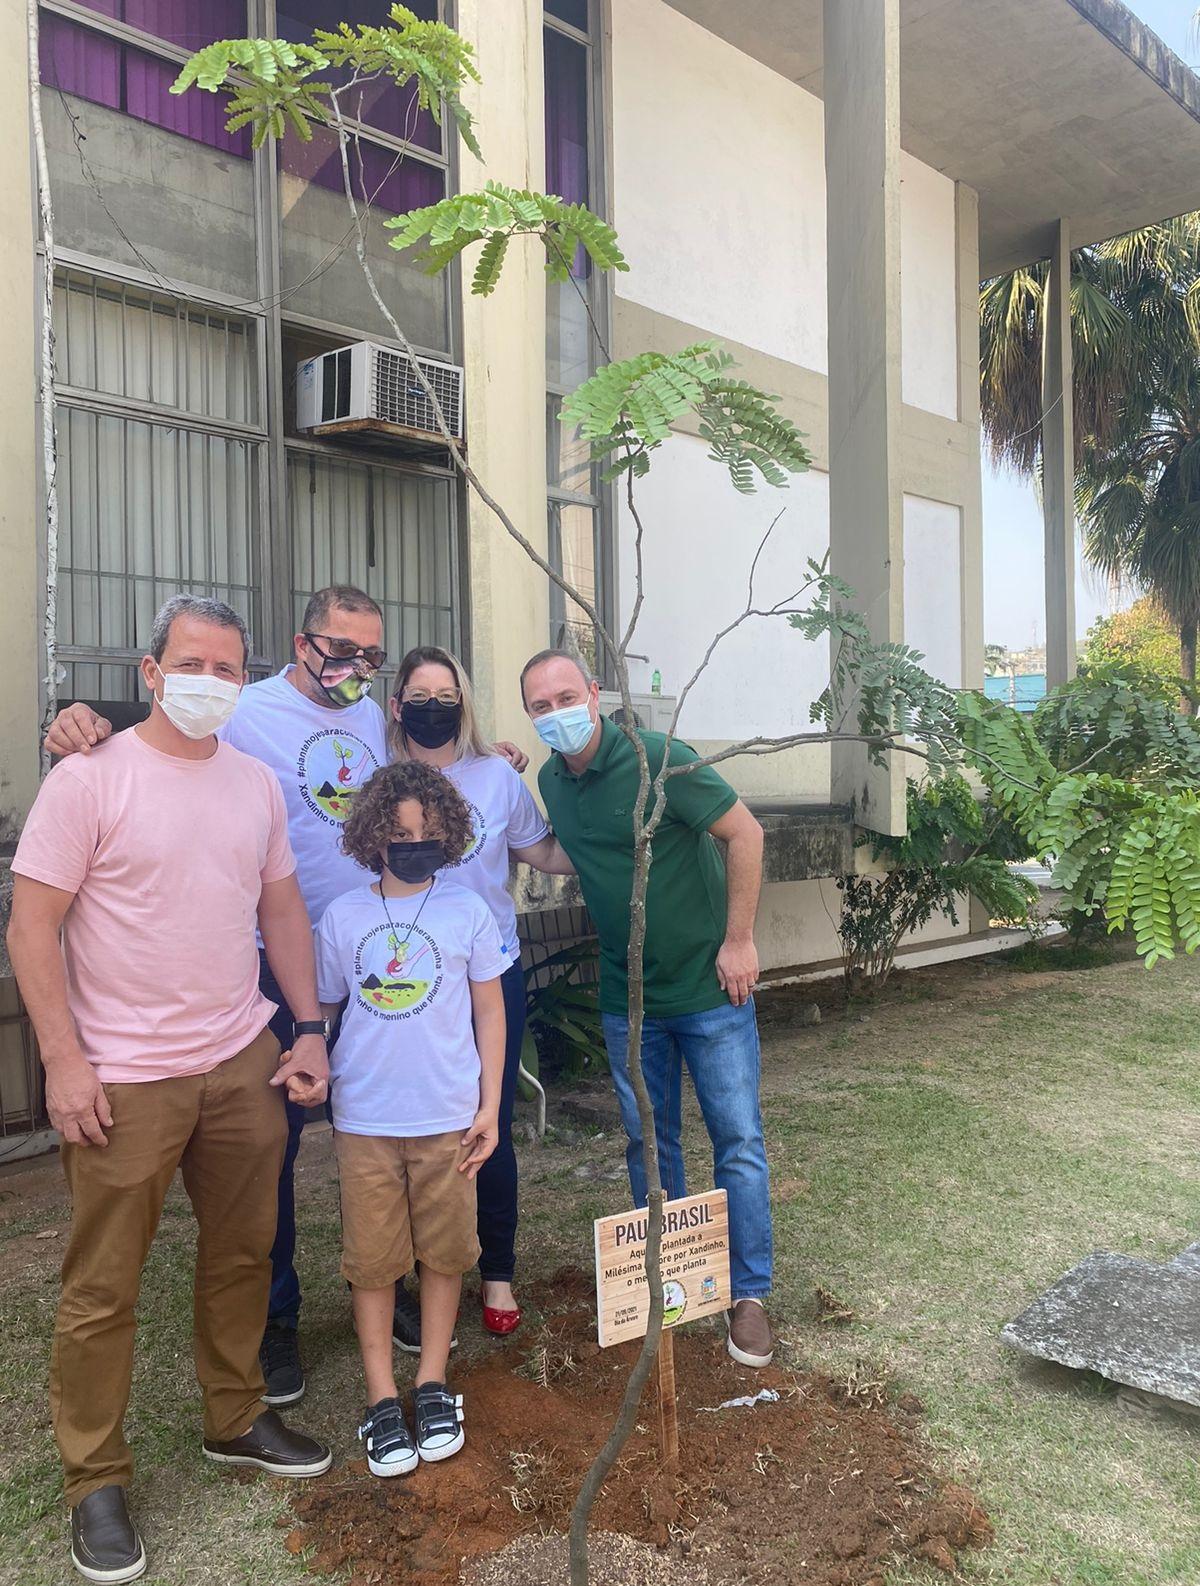 Câmara de Nova Iguaçu homenageia Xandinho, o menino que já plantou mil árvores e semeia bons exemplos